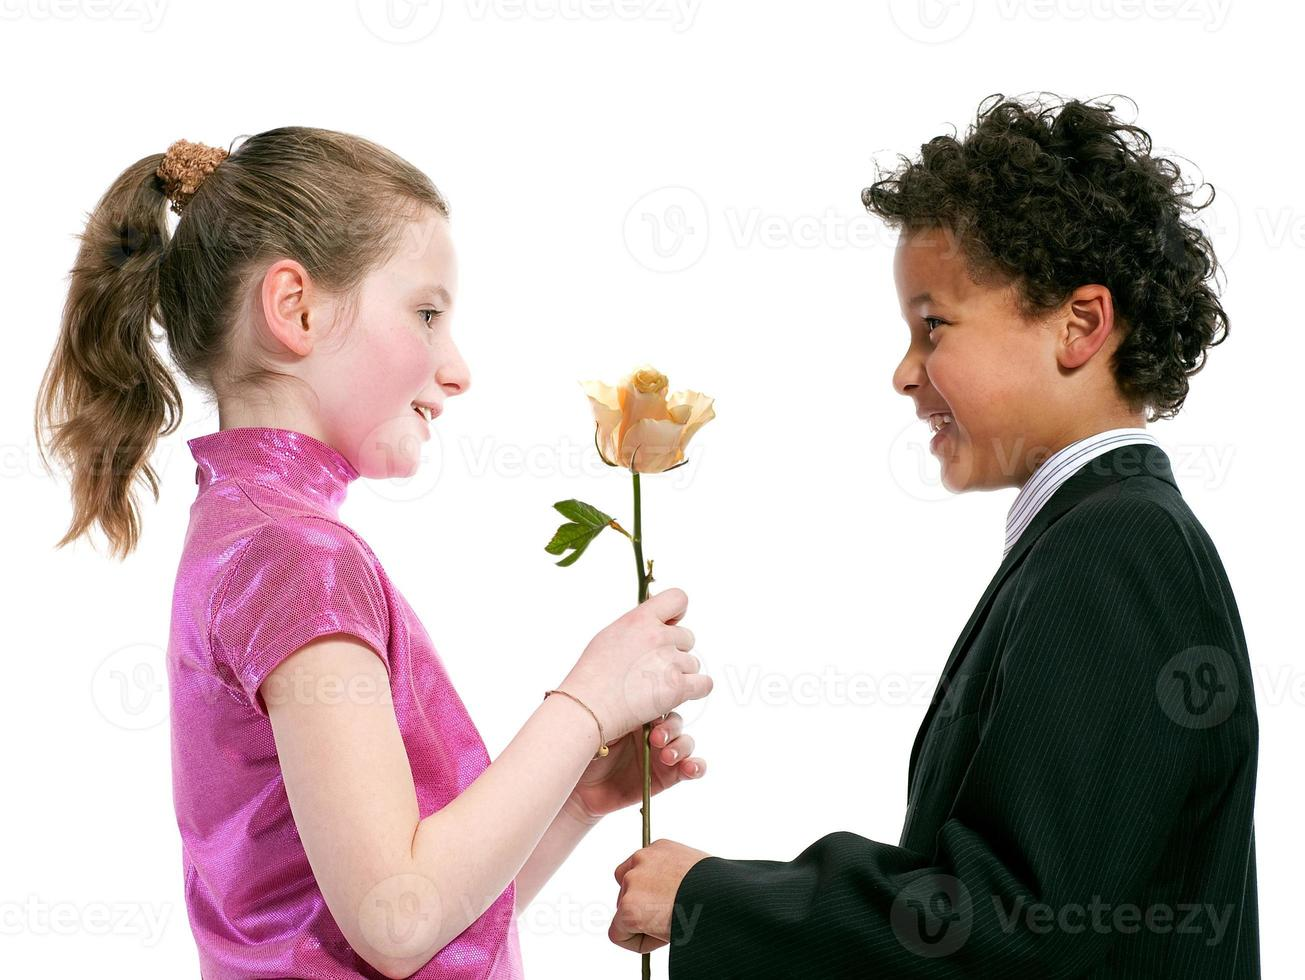 couple interracial rit ensemble isolé sur fond blanc photo